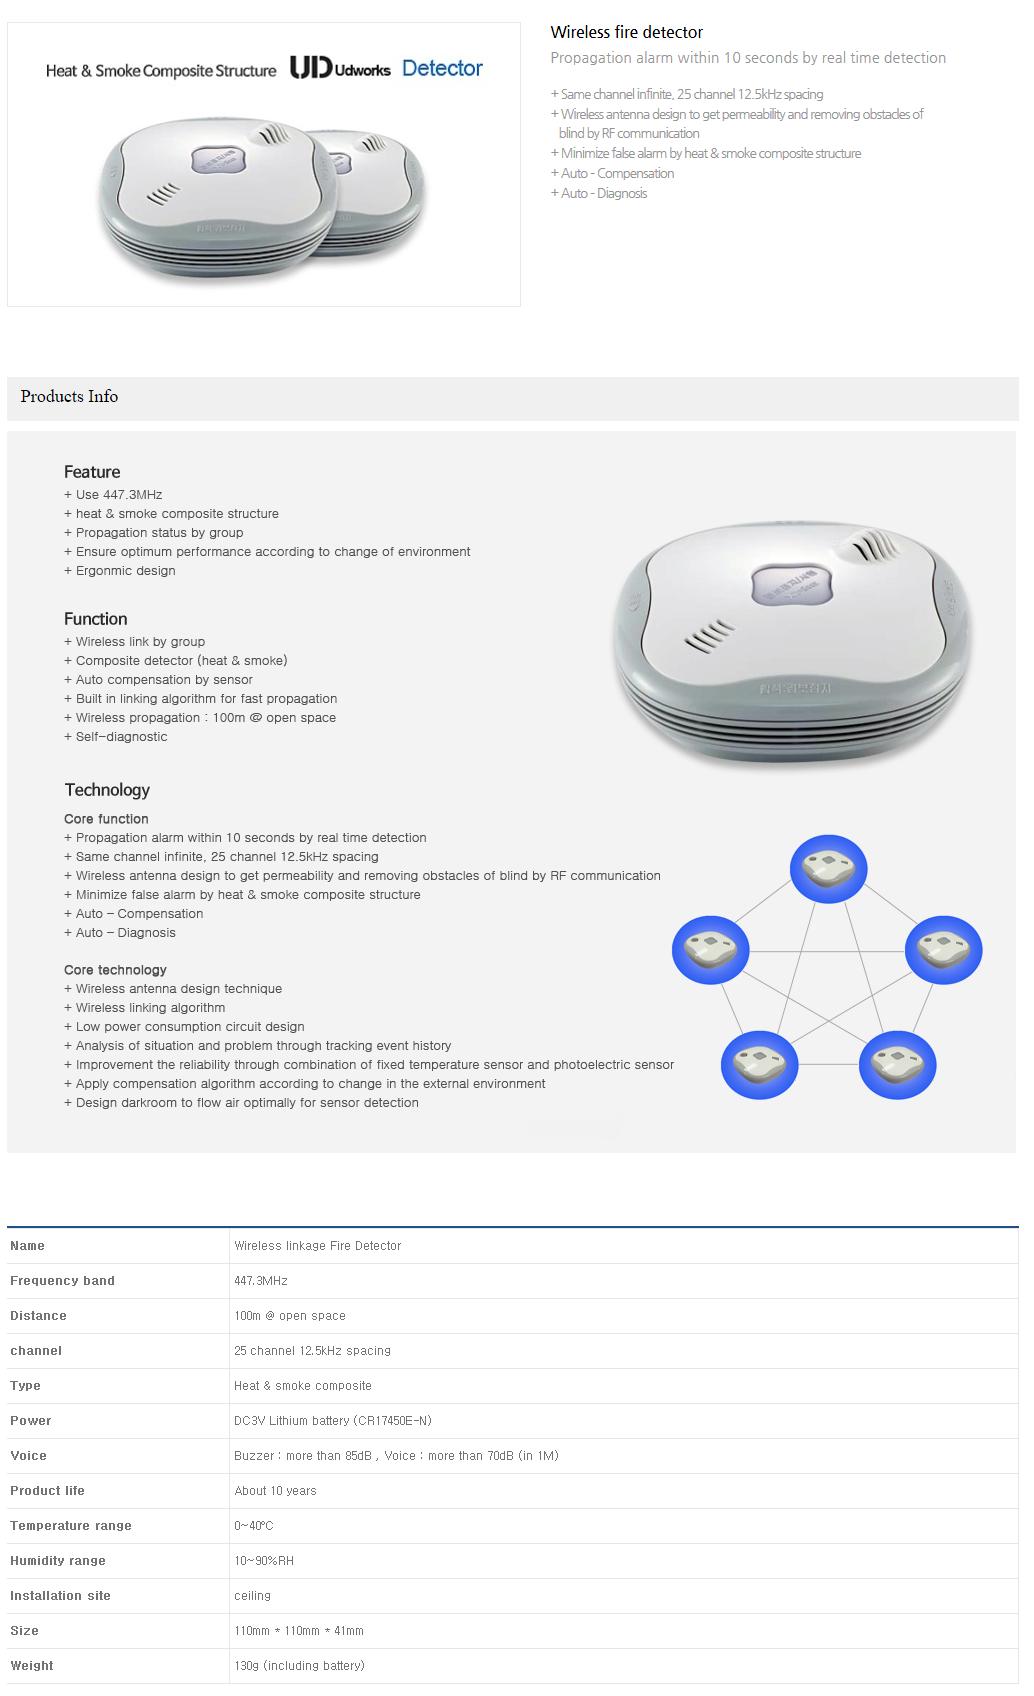 (주)유디웍스 Wireless fire detector